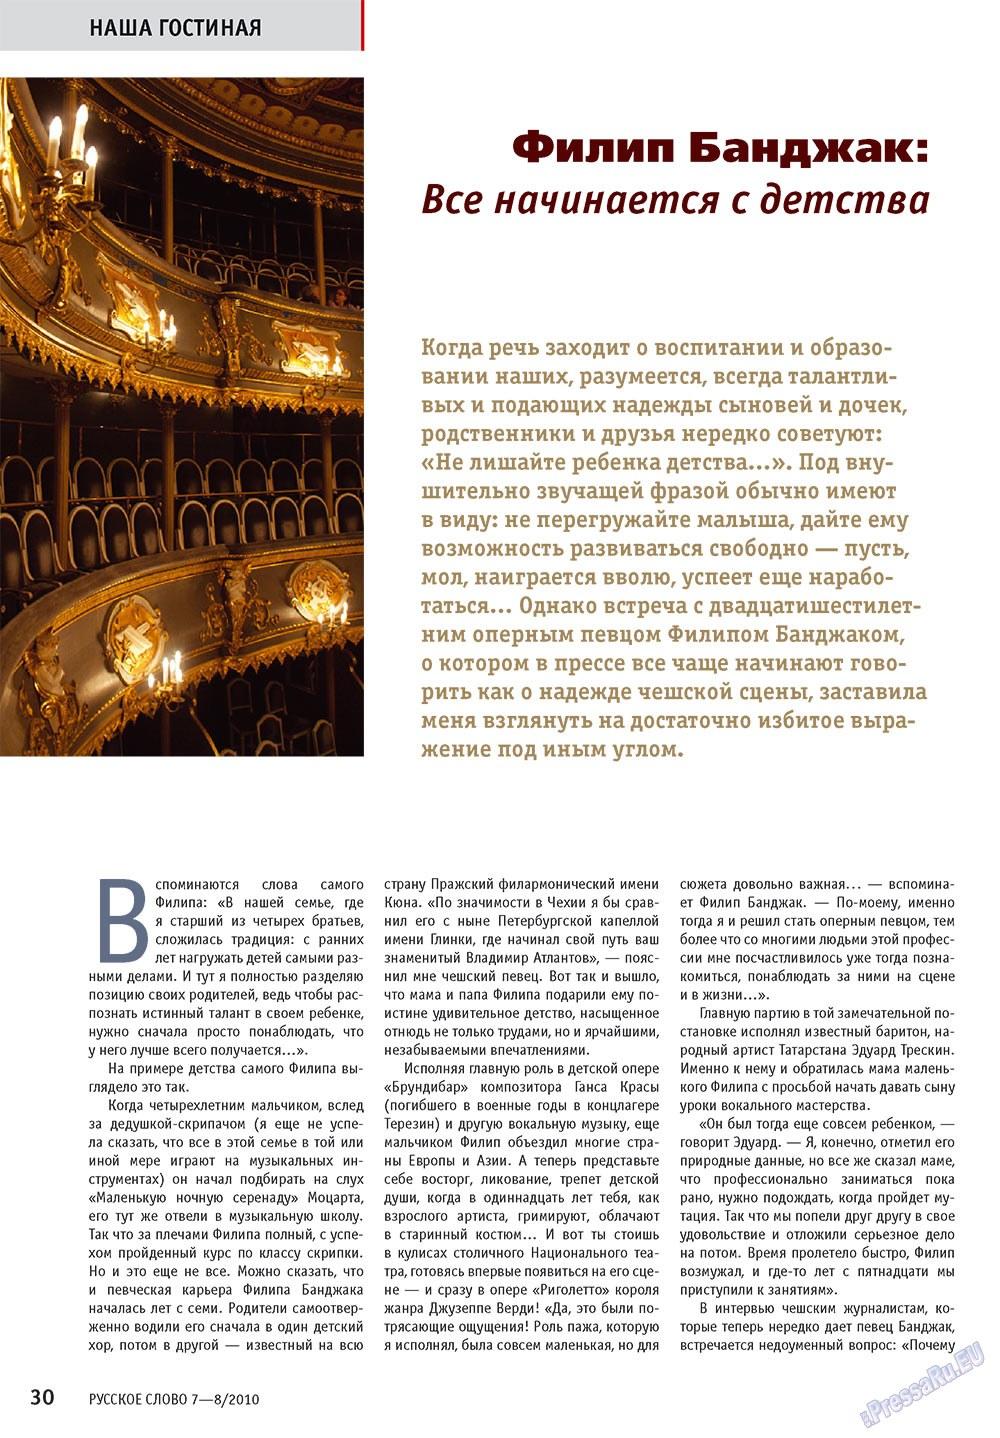 Русское слово (журнал). 2010 год, номер 7, стр. 32